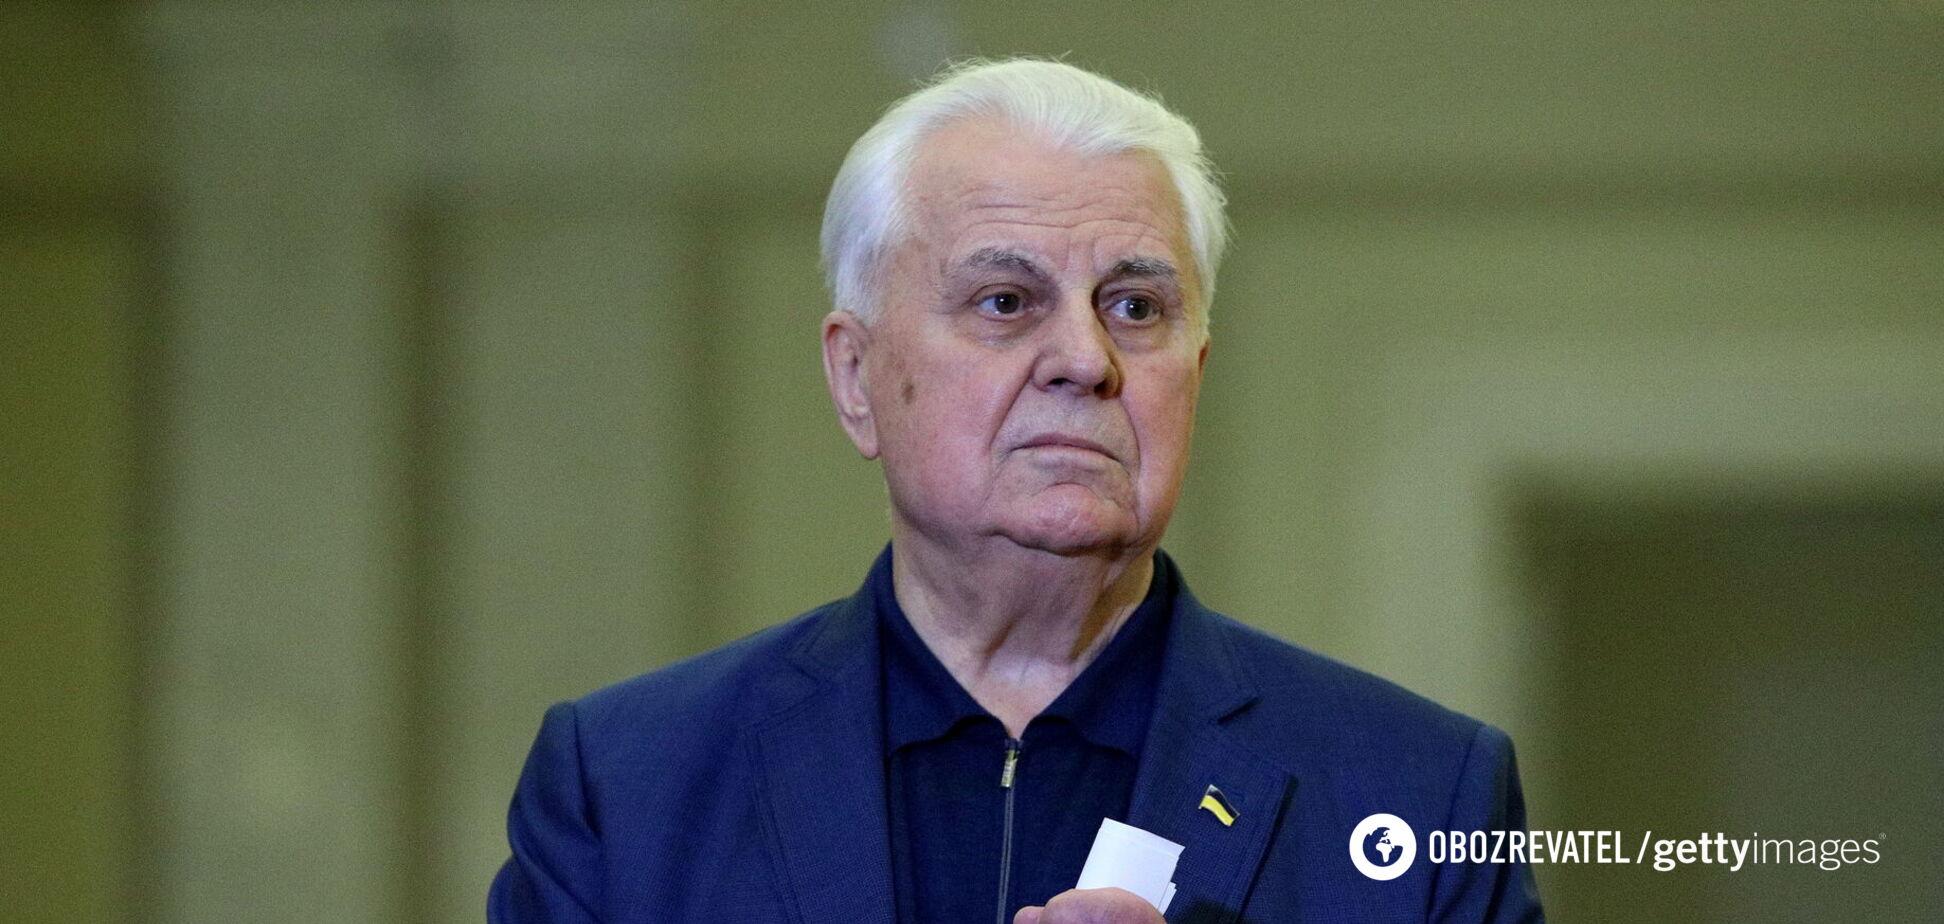 Кравчук заявил, что большинство жителей Донбассе не хотят в Украину